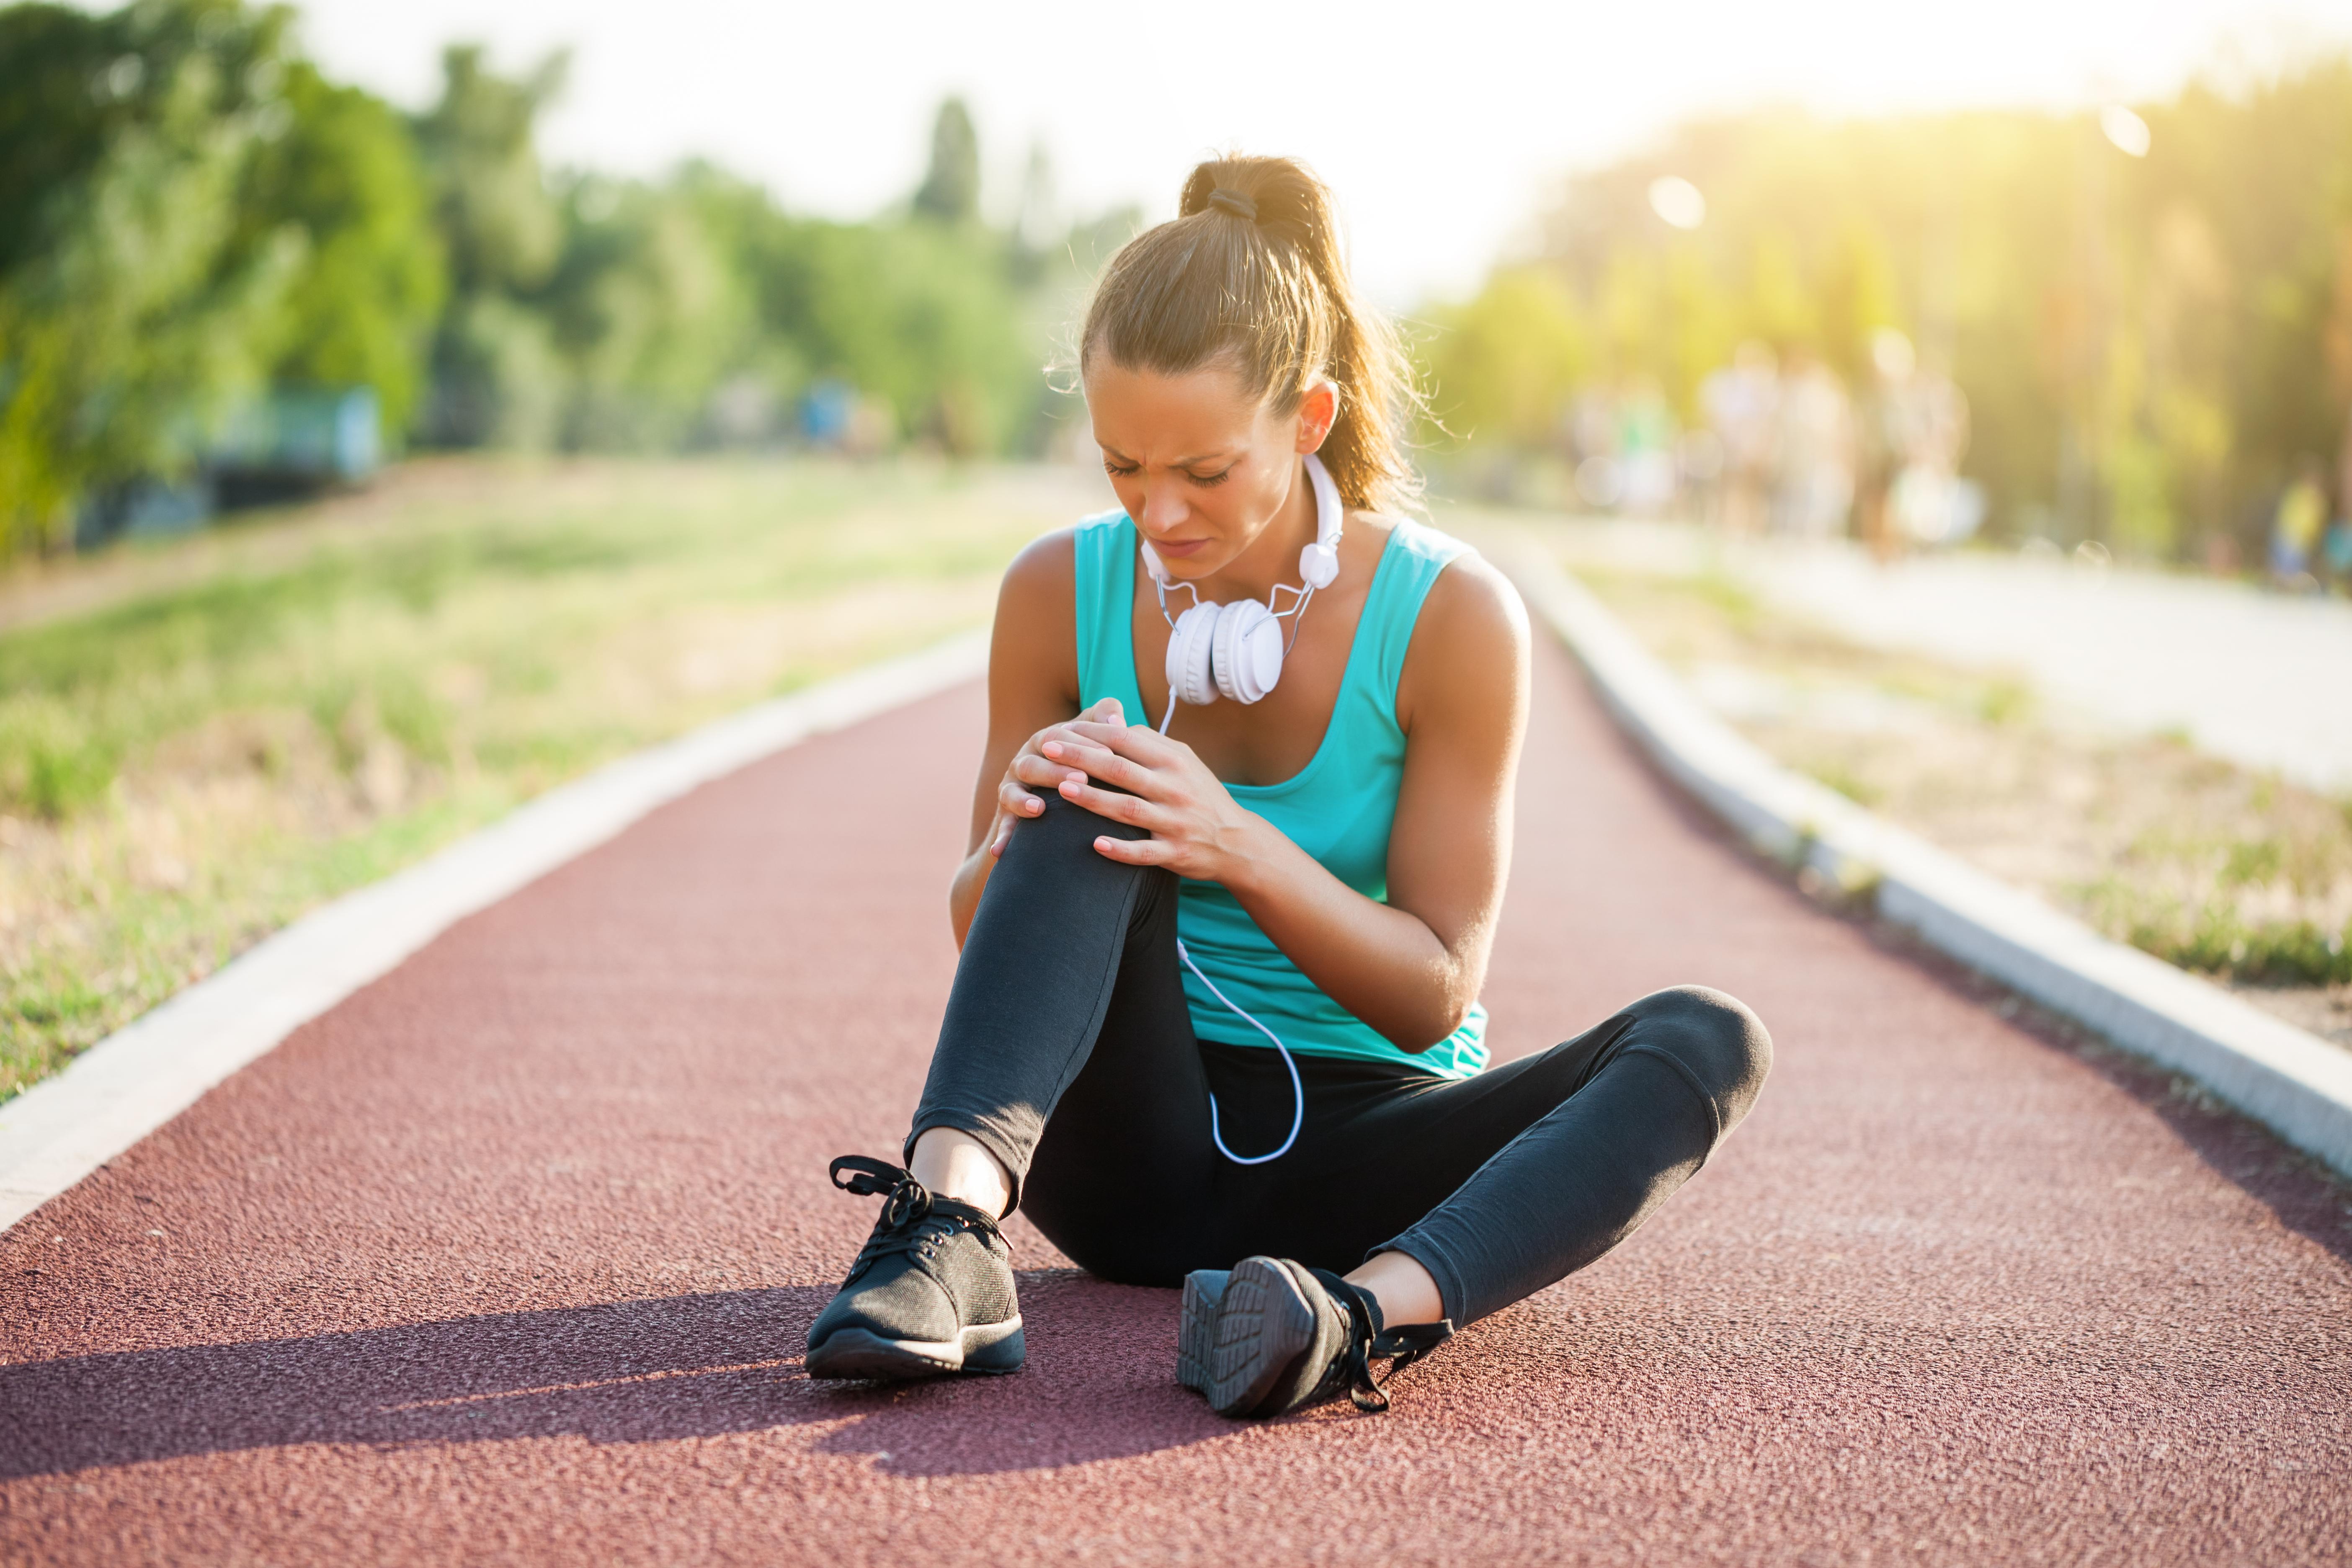 Що робити, якщо болить коліно при згинанні, причини та методики лікування